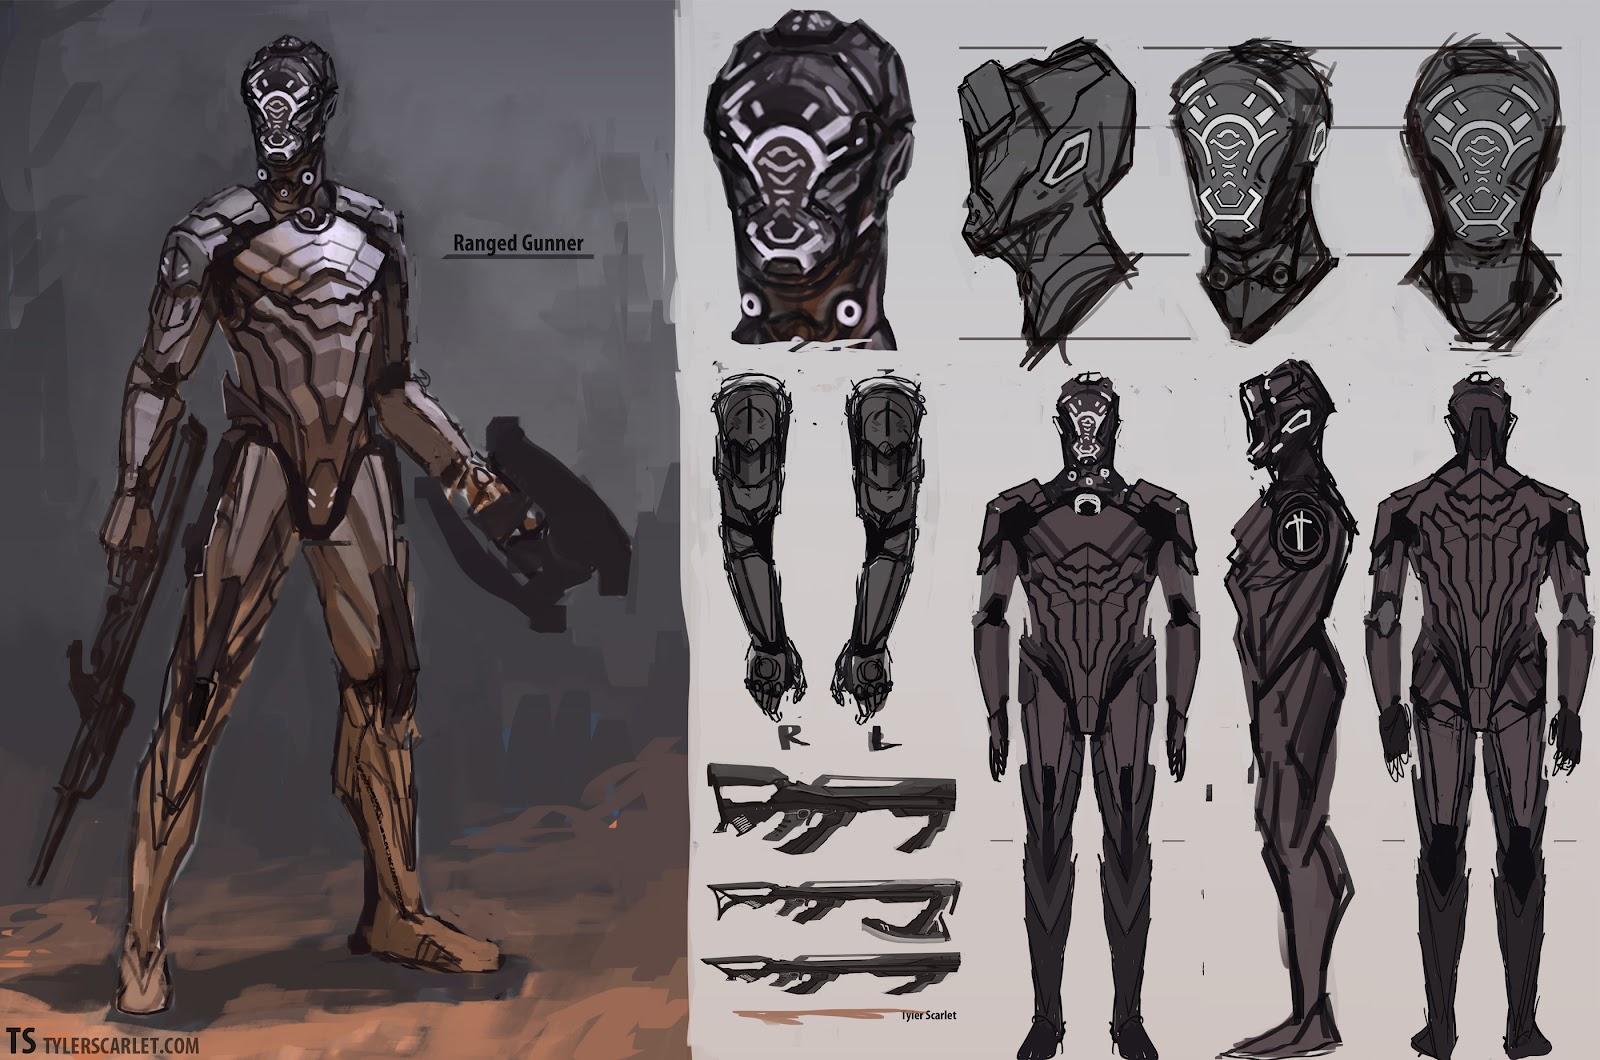 Futuristic Knight Concept Art